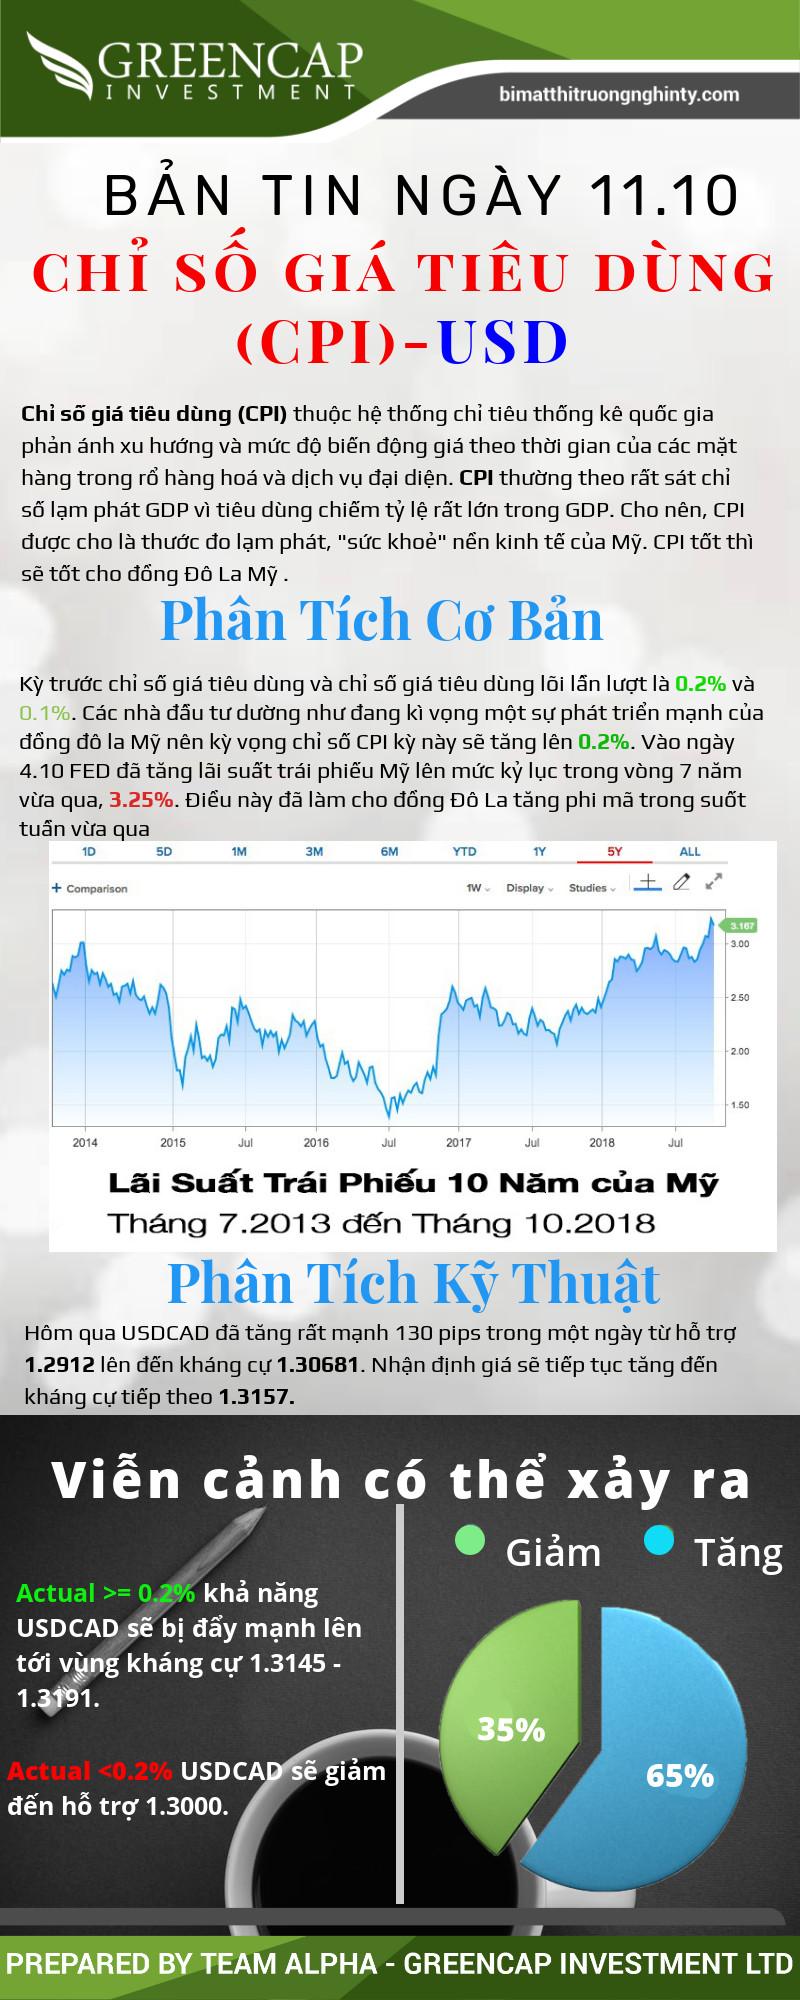 Chỉ số giá tiêu dùng (CPI) - USD ngày 11/10/2018